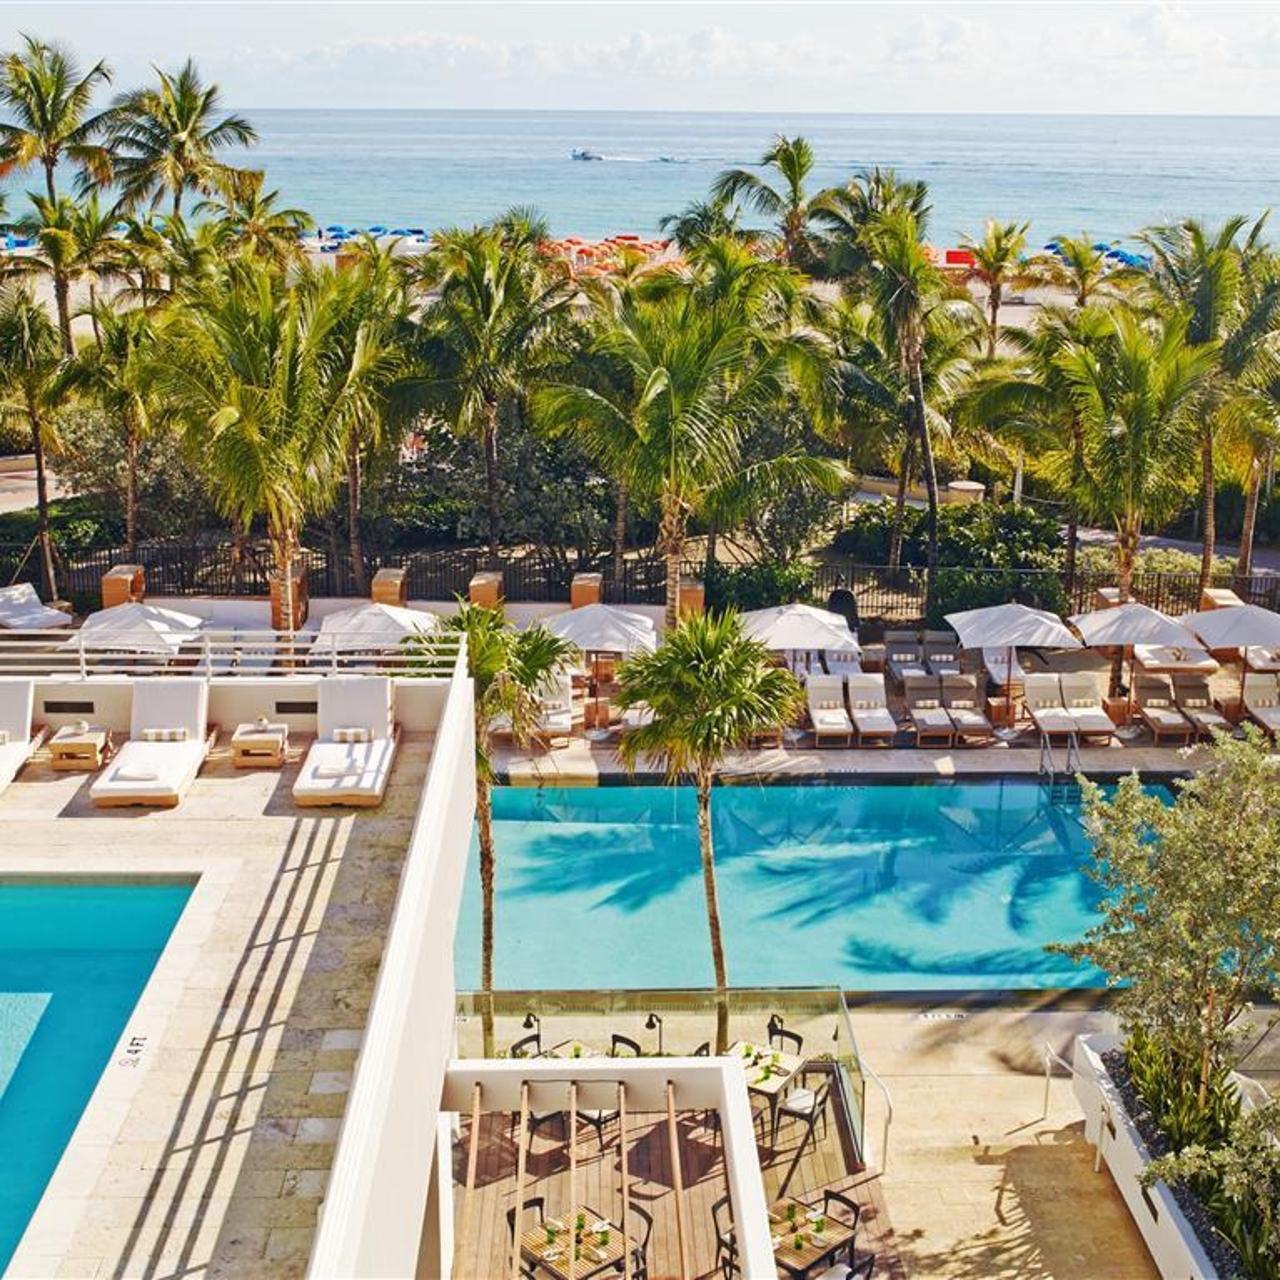 Hotel Royal Palm South Beach Miami A